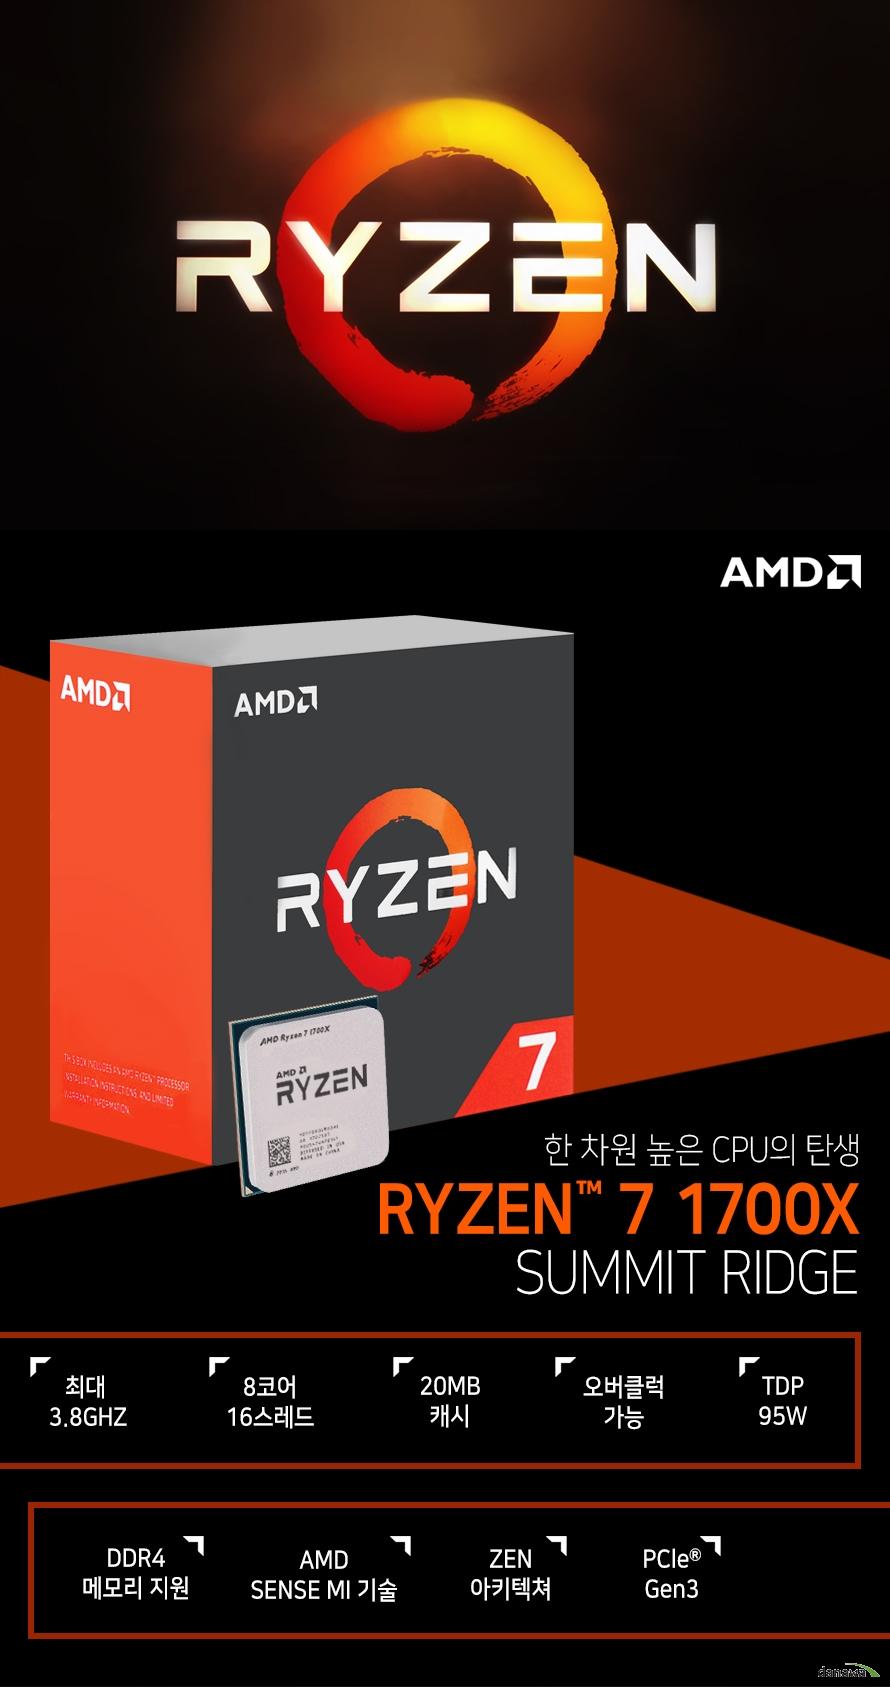 한 차원 높은 CPU의 탄생         RYZEN 7 1700X         SUMMIT RIDGE                  최대 3.8GHZ          8코어 16스레드         20MB 캐시         오버클럭 가능         TDP 95W         DDR4 메모리 지원         AMD SENSE MI 기술         ZEN 아키텍쳐         PCle Gen 3